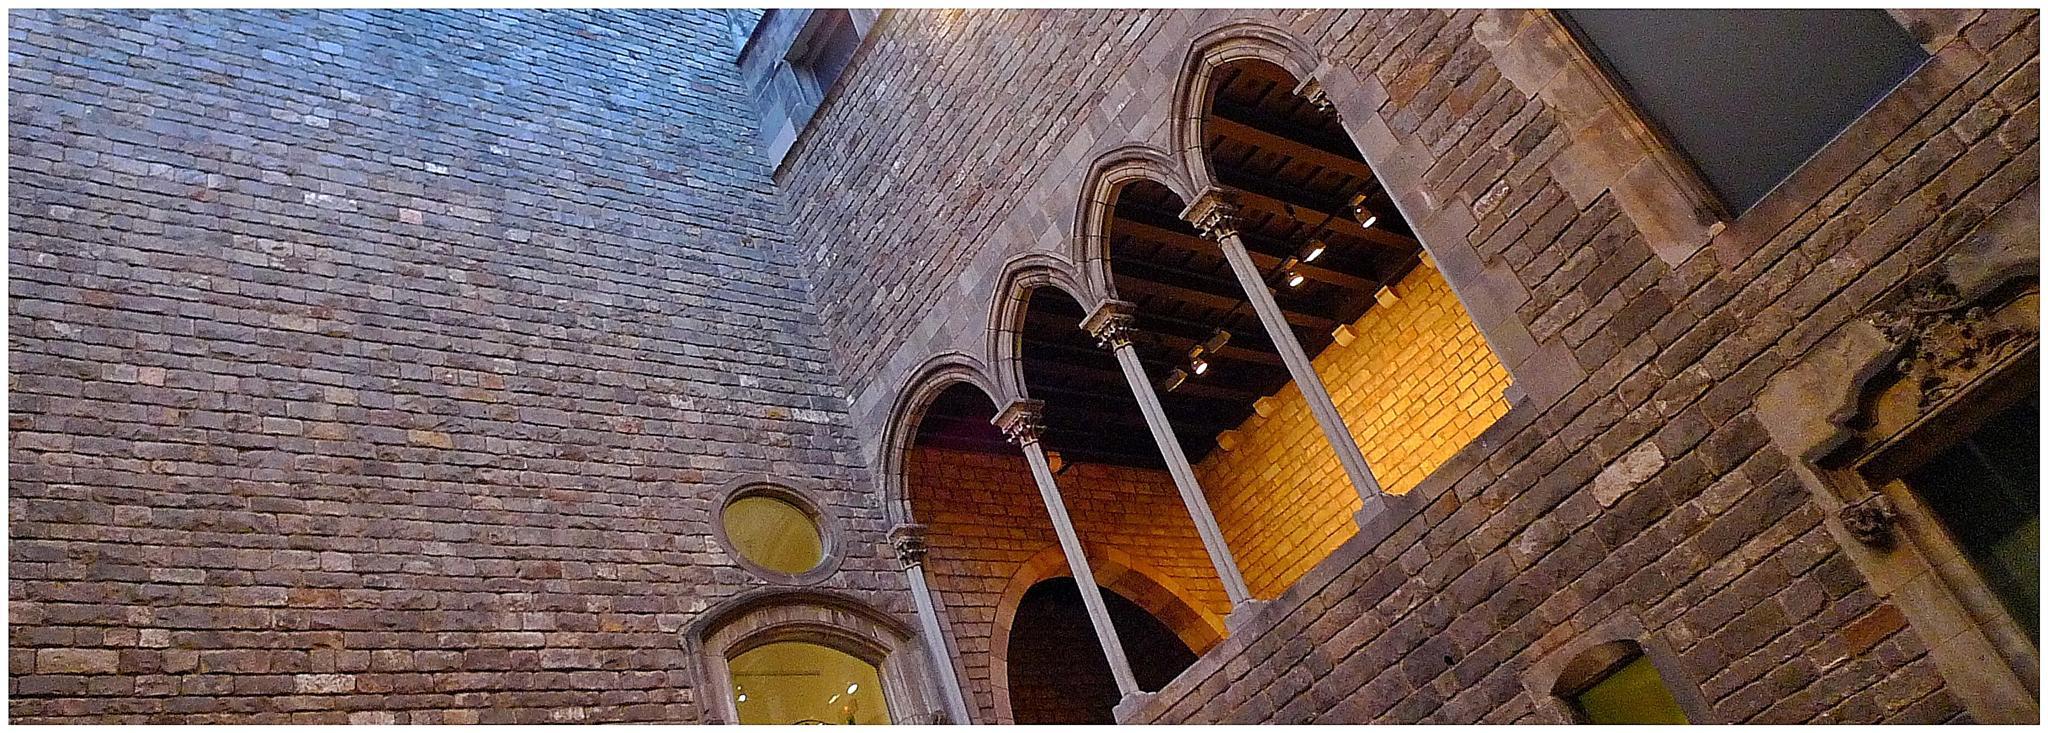 Museu d'Història de Barcelona. Catalunya by bescosx